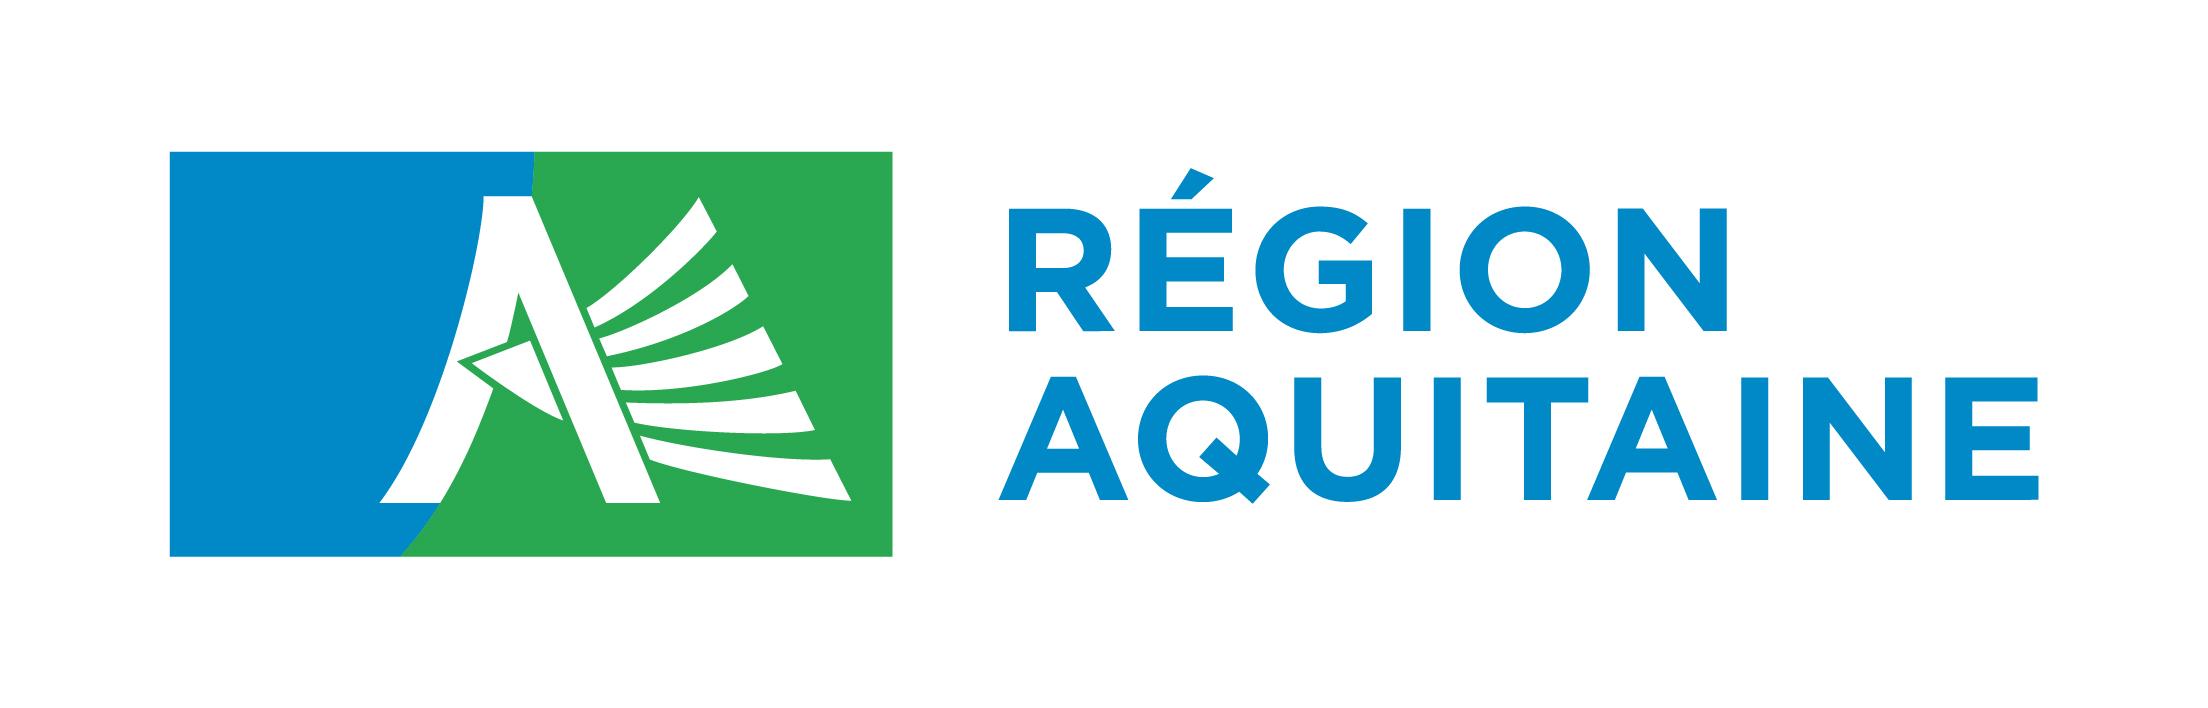 LogoRegionAquitaine_Horizontal_2.jpg